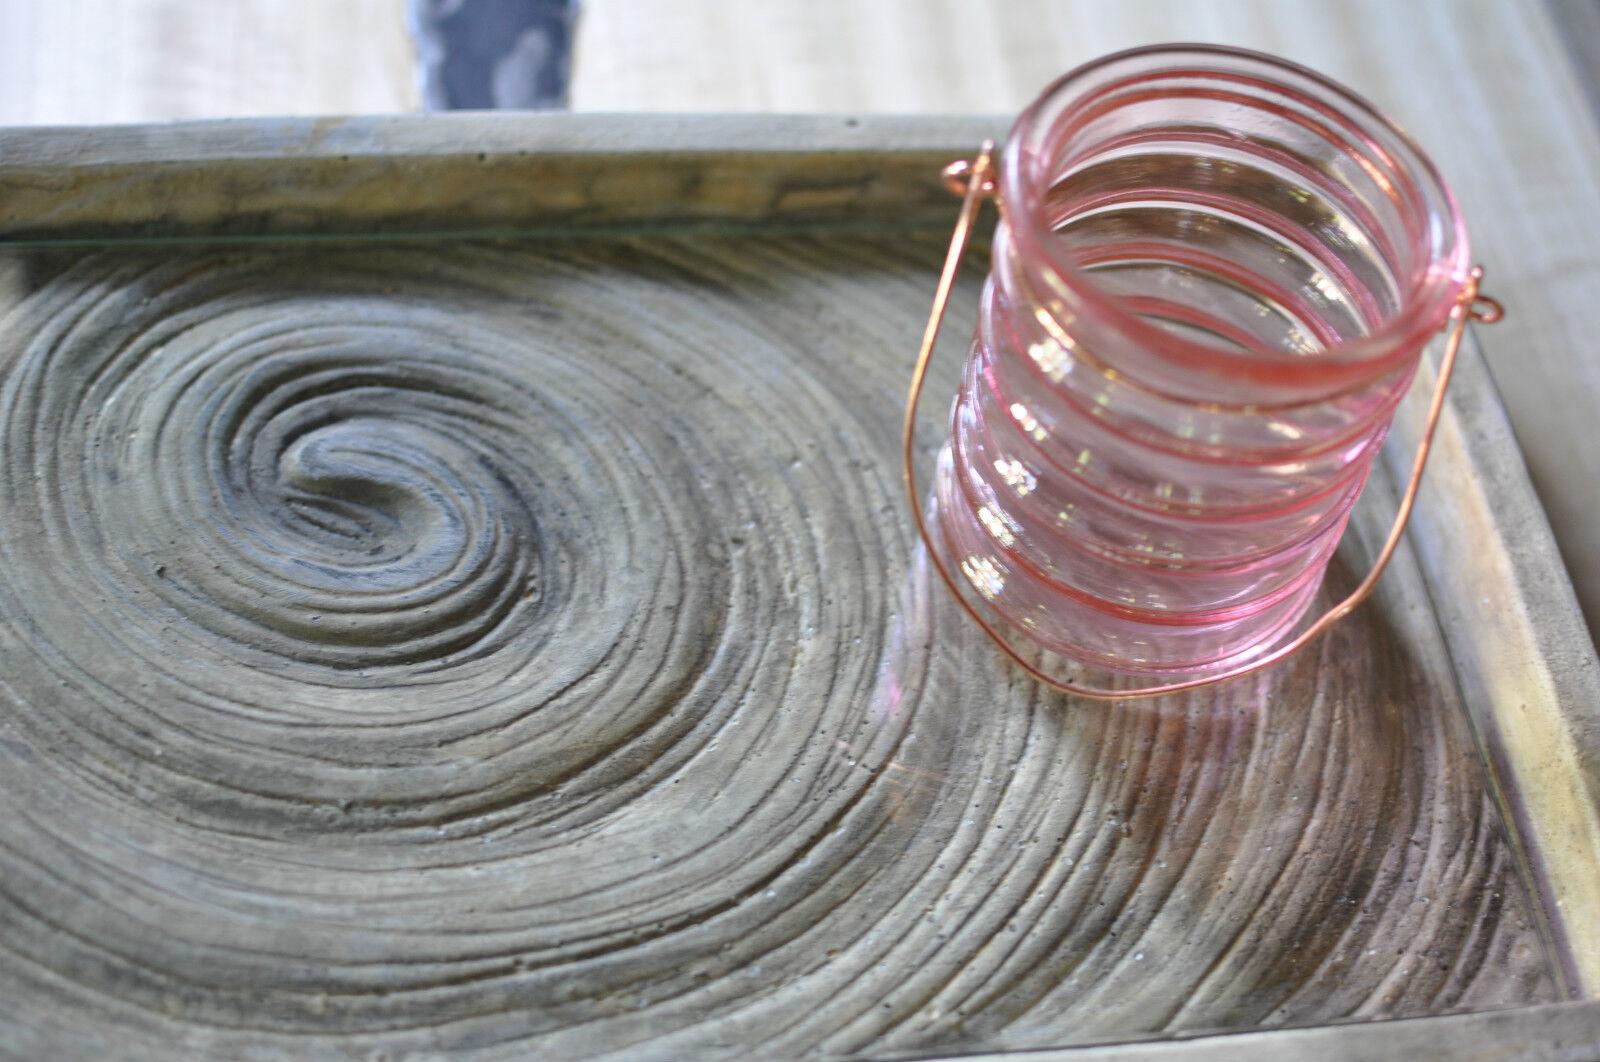 1x 1x 1x Tablett für Kerze Vase Deco Grau Zement Relief mit Glas 38 x 23 cm von PTMD | Realistisch  9d594b